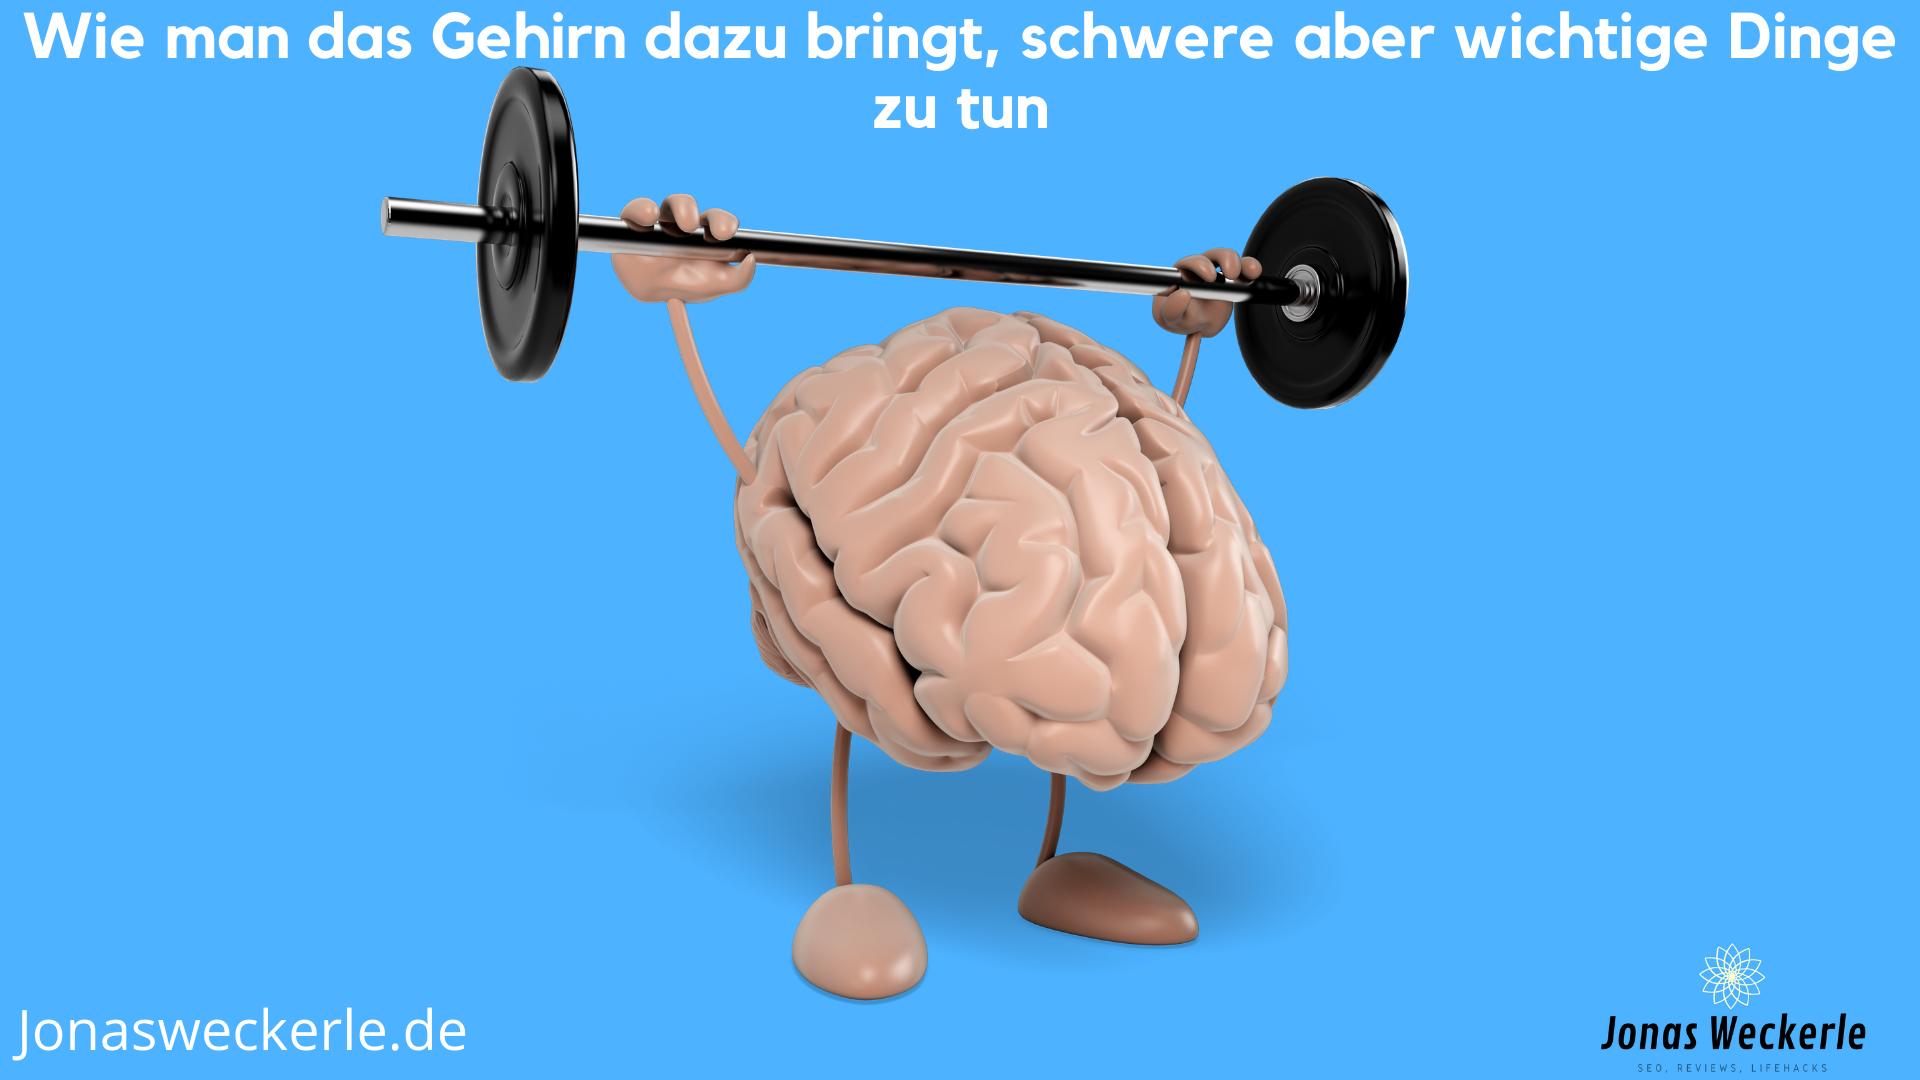 Wie man das Gehirn dazu bringt, schwere aber wichtige Dinge zu tun